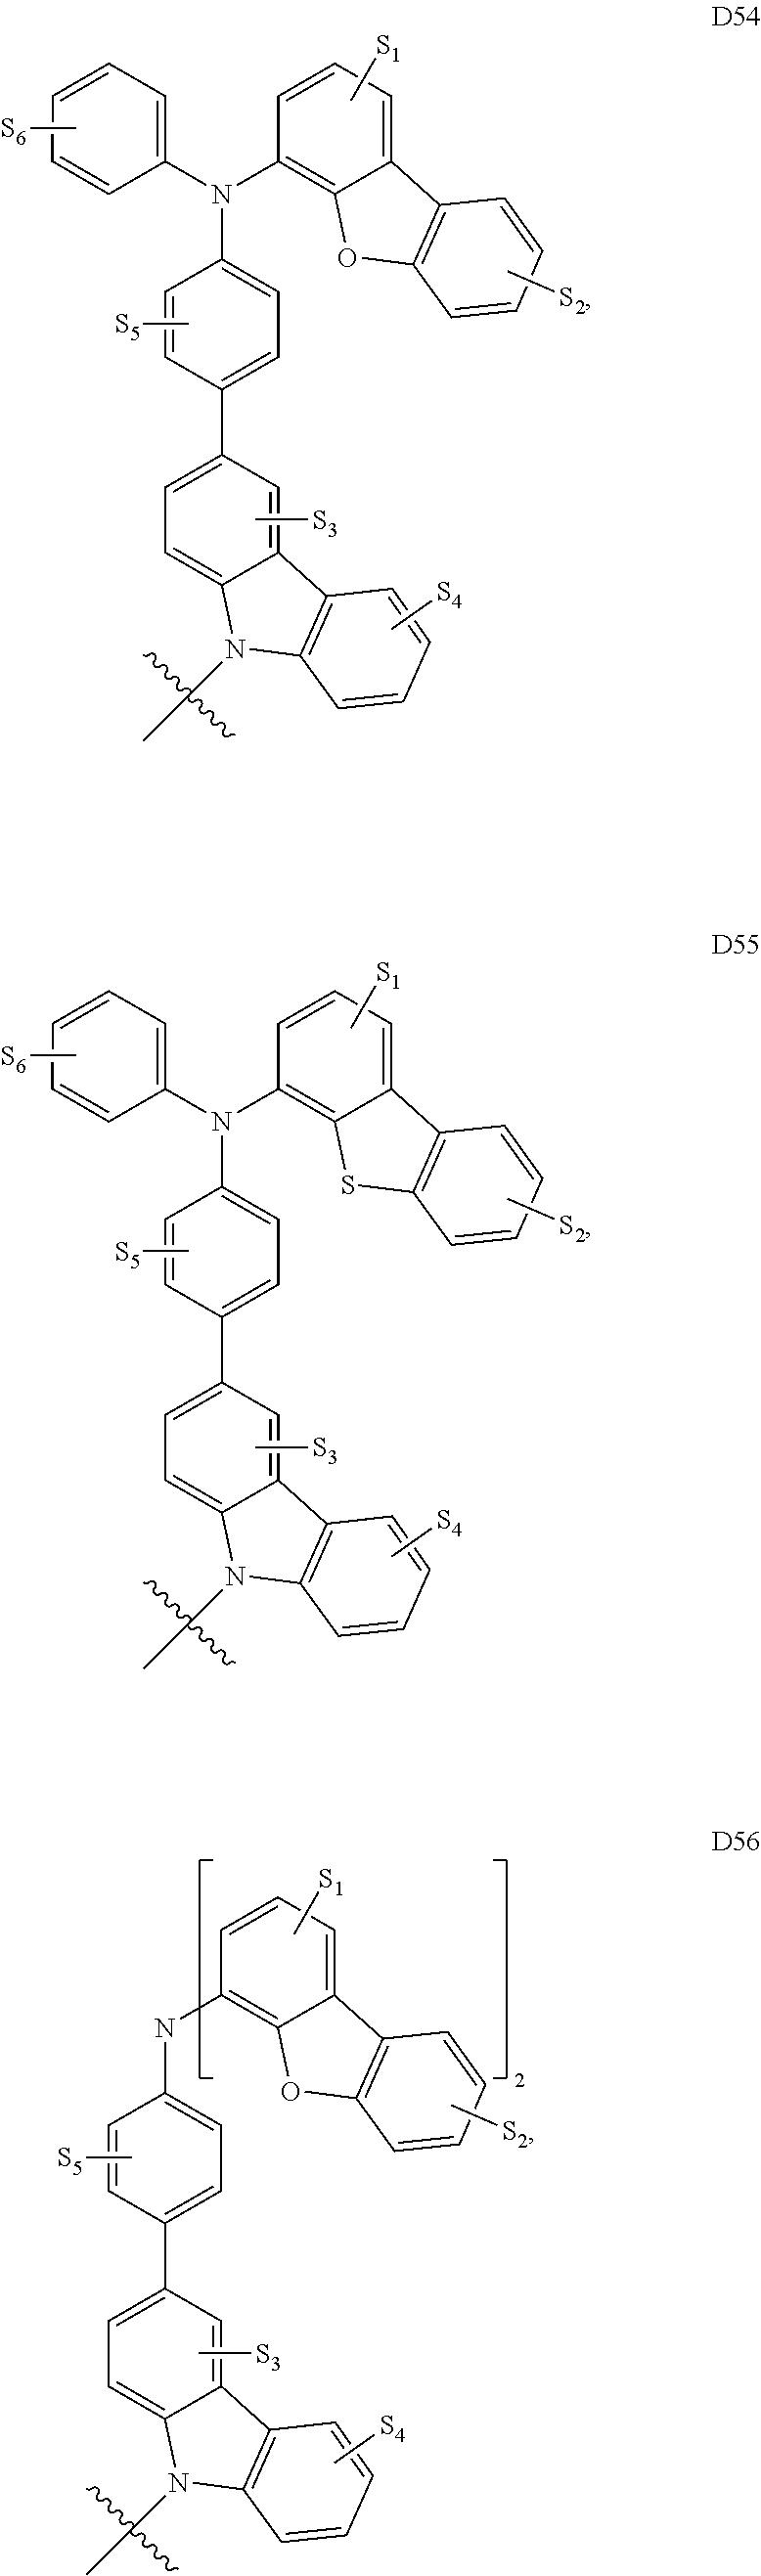 Figure US09324949-20160426-C00099